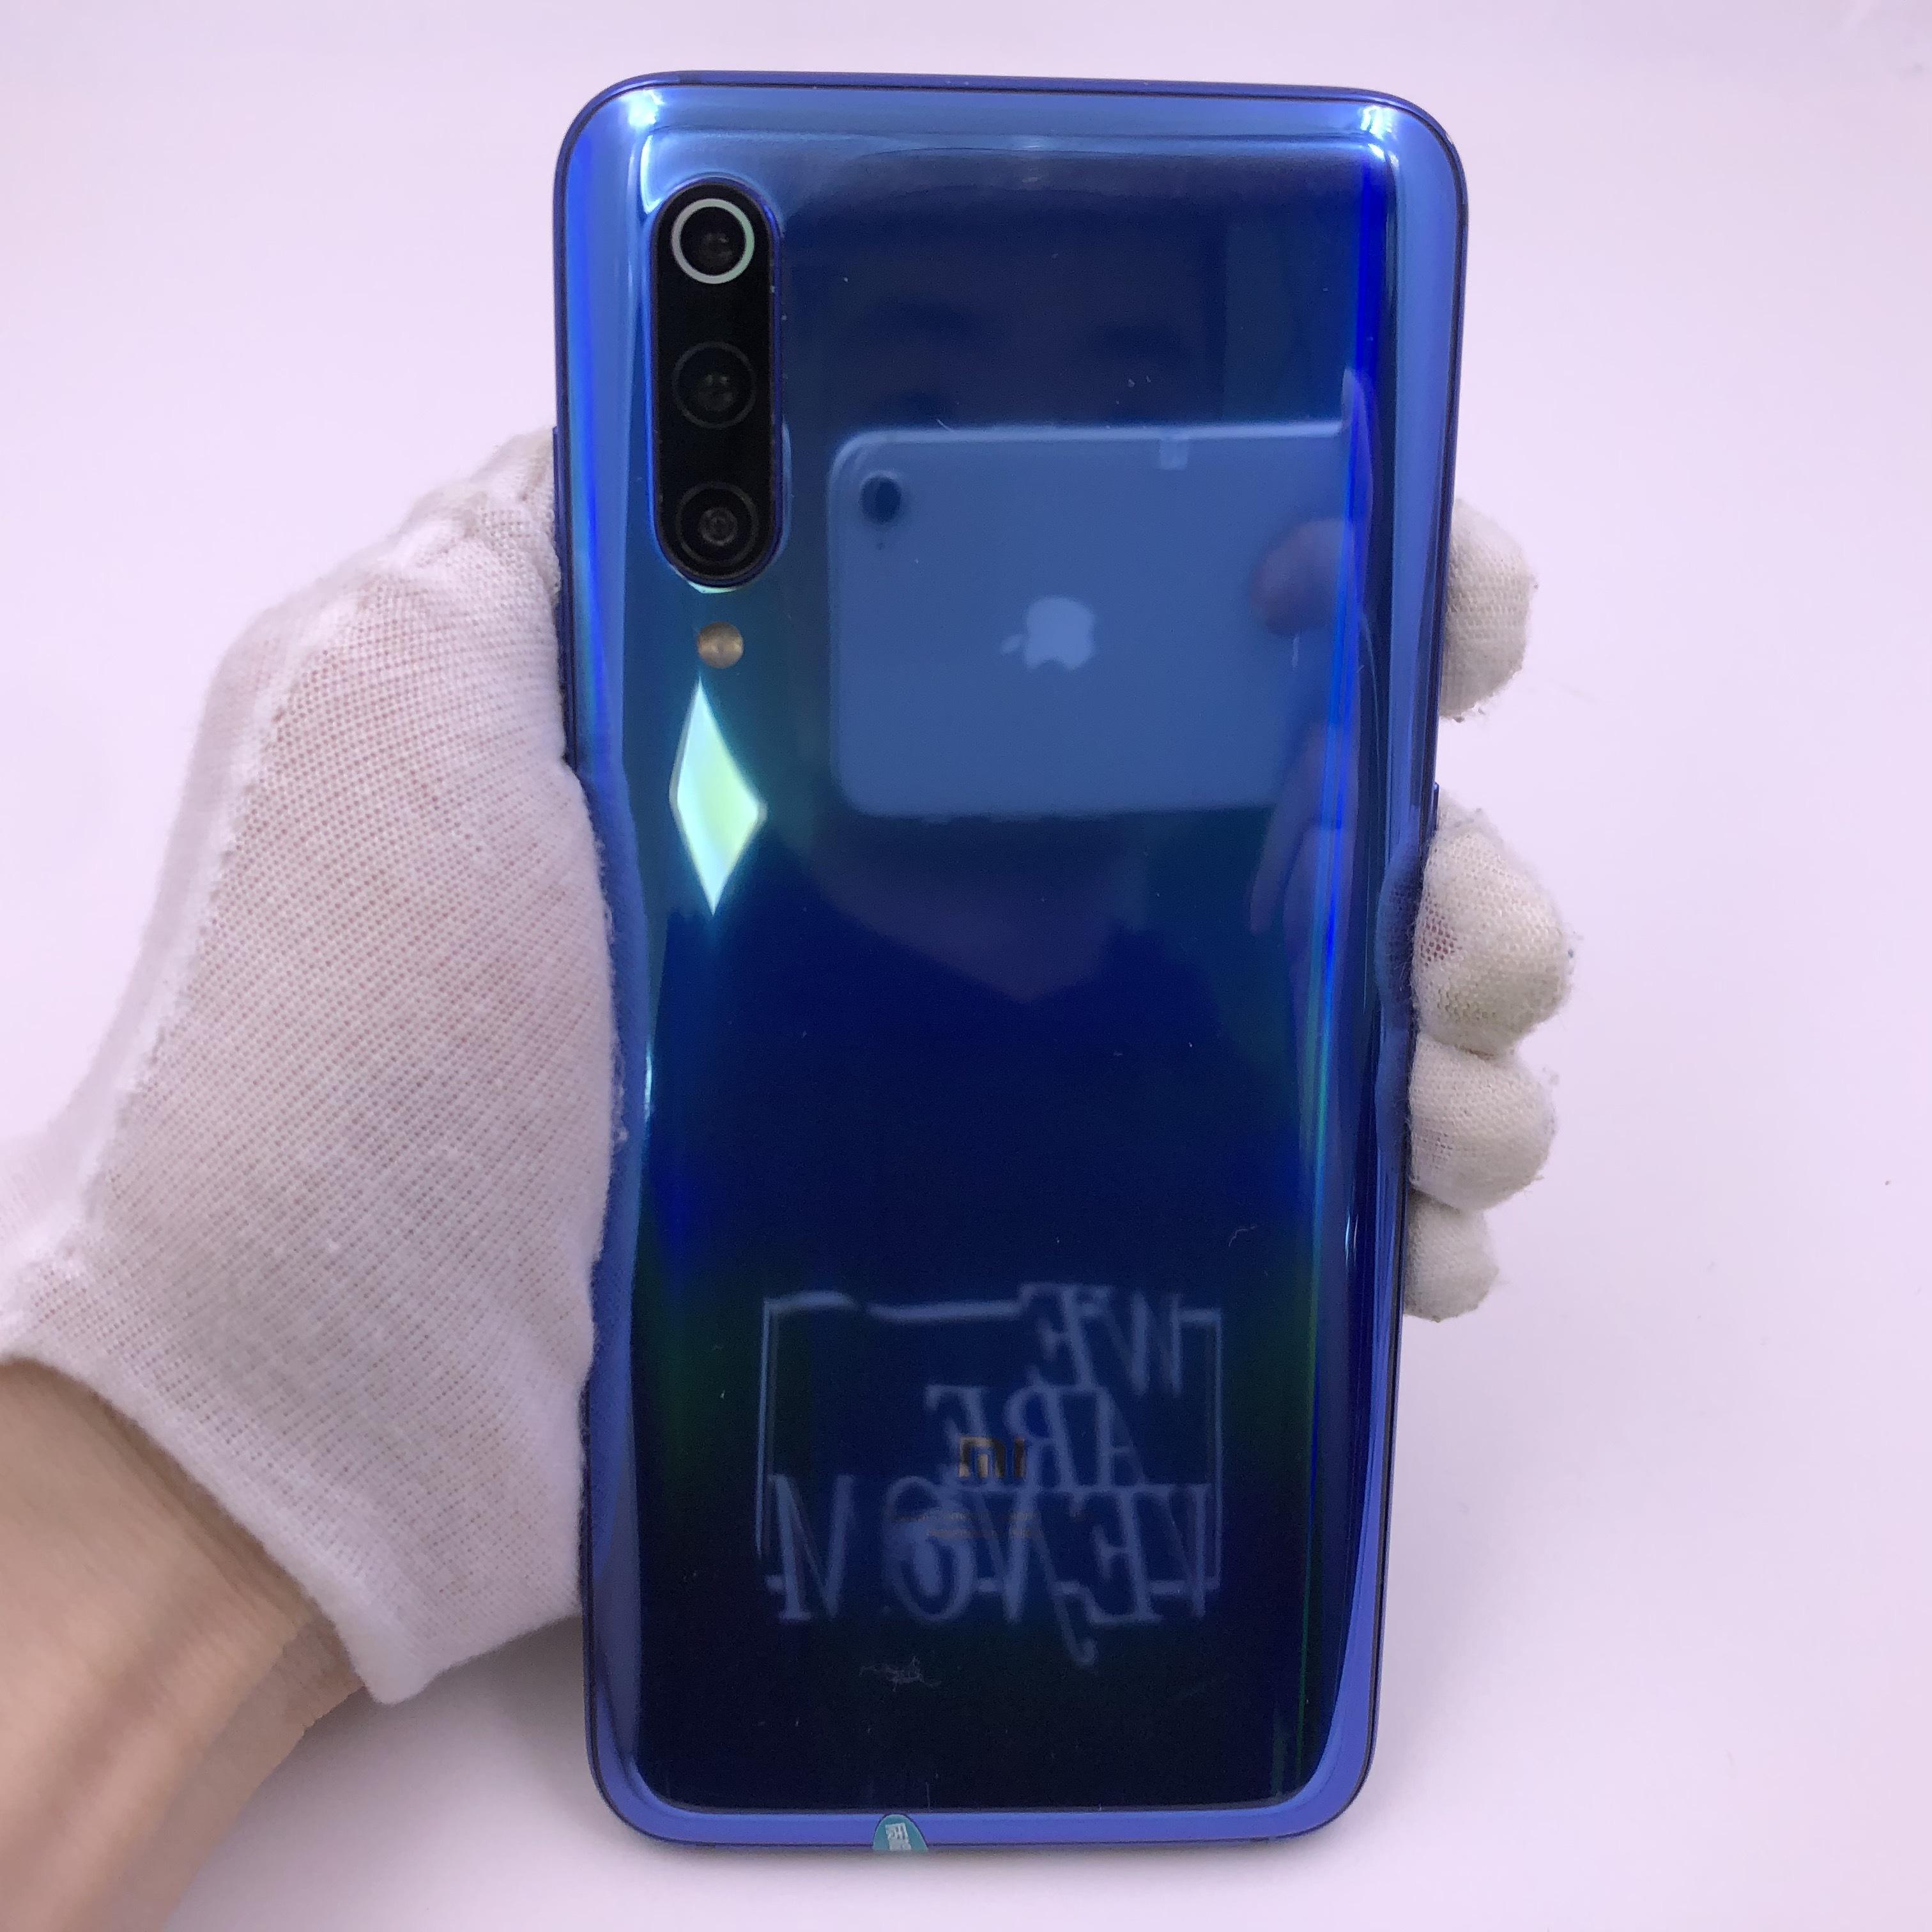 小米【小米9】4G全网通 蓝色 8G/256G 国行 8成新